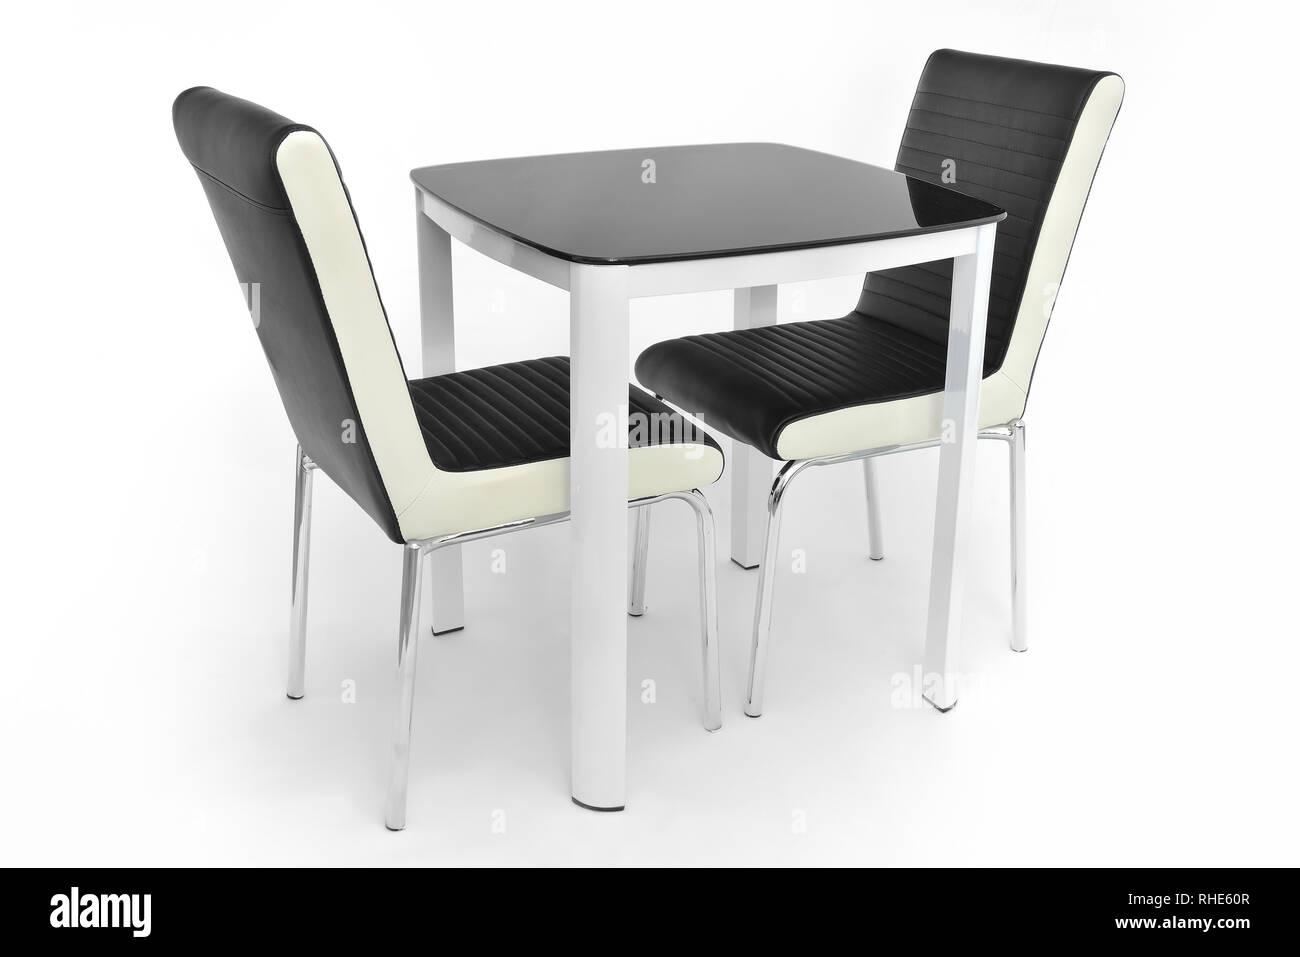 Cucina mobili da pranzo set di tavolo e due sedie. Moderne ...